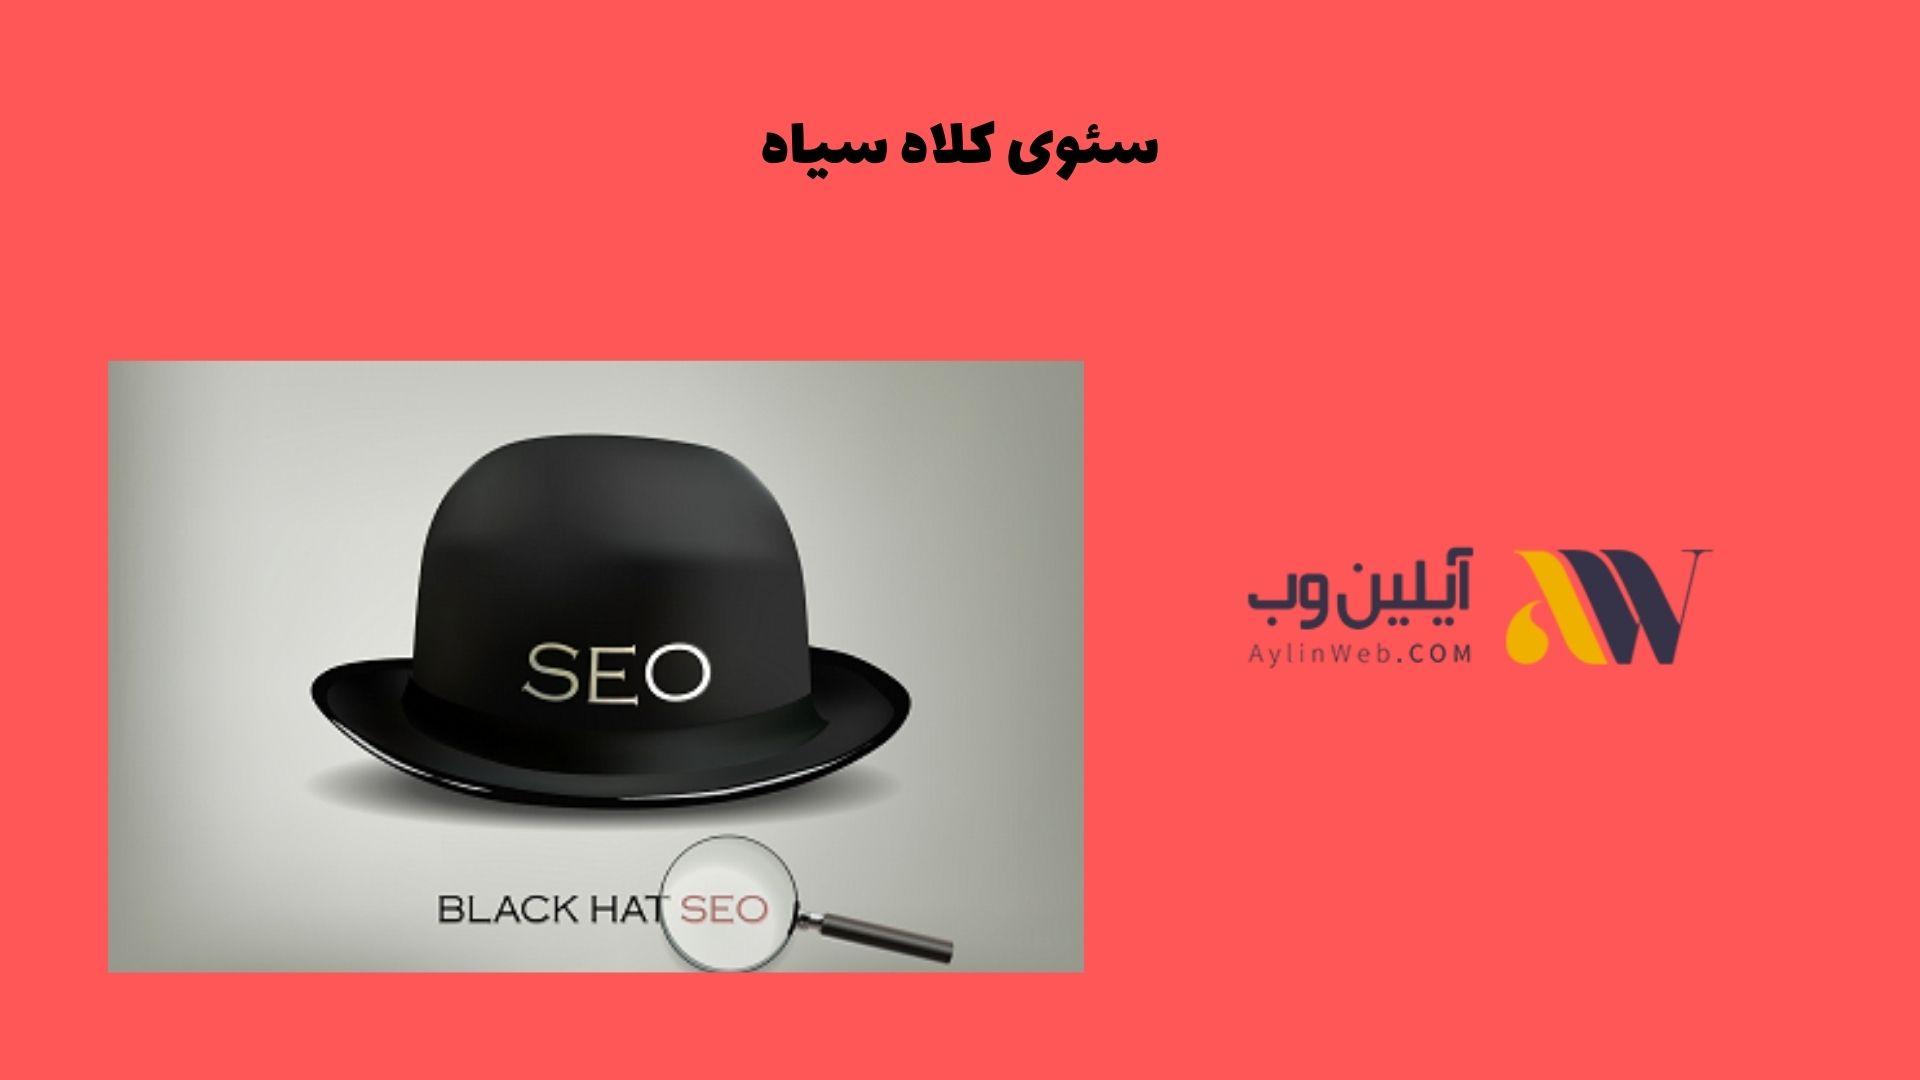 سئوی کلاه سیاه